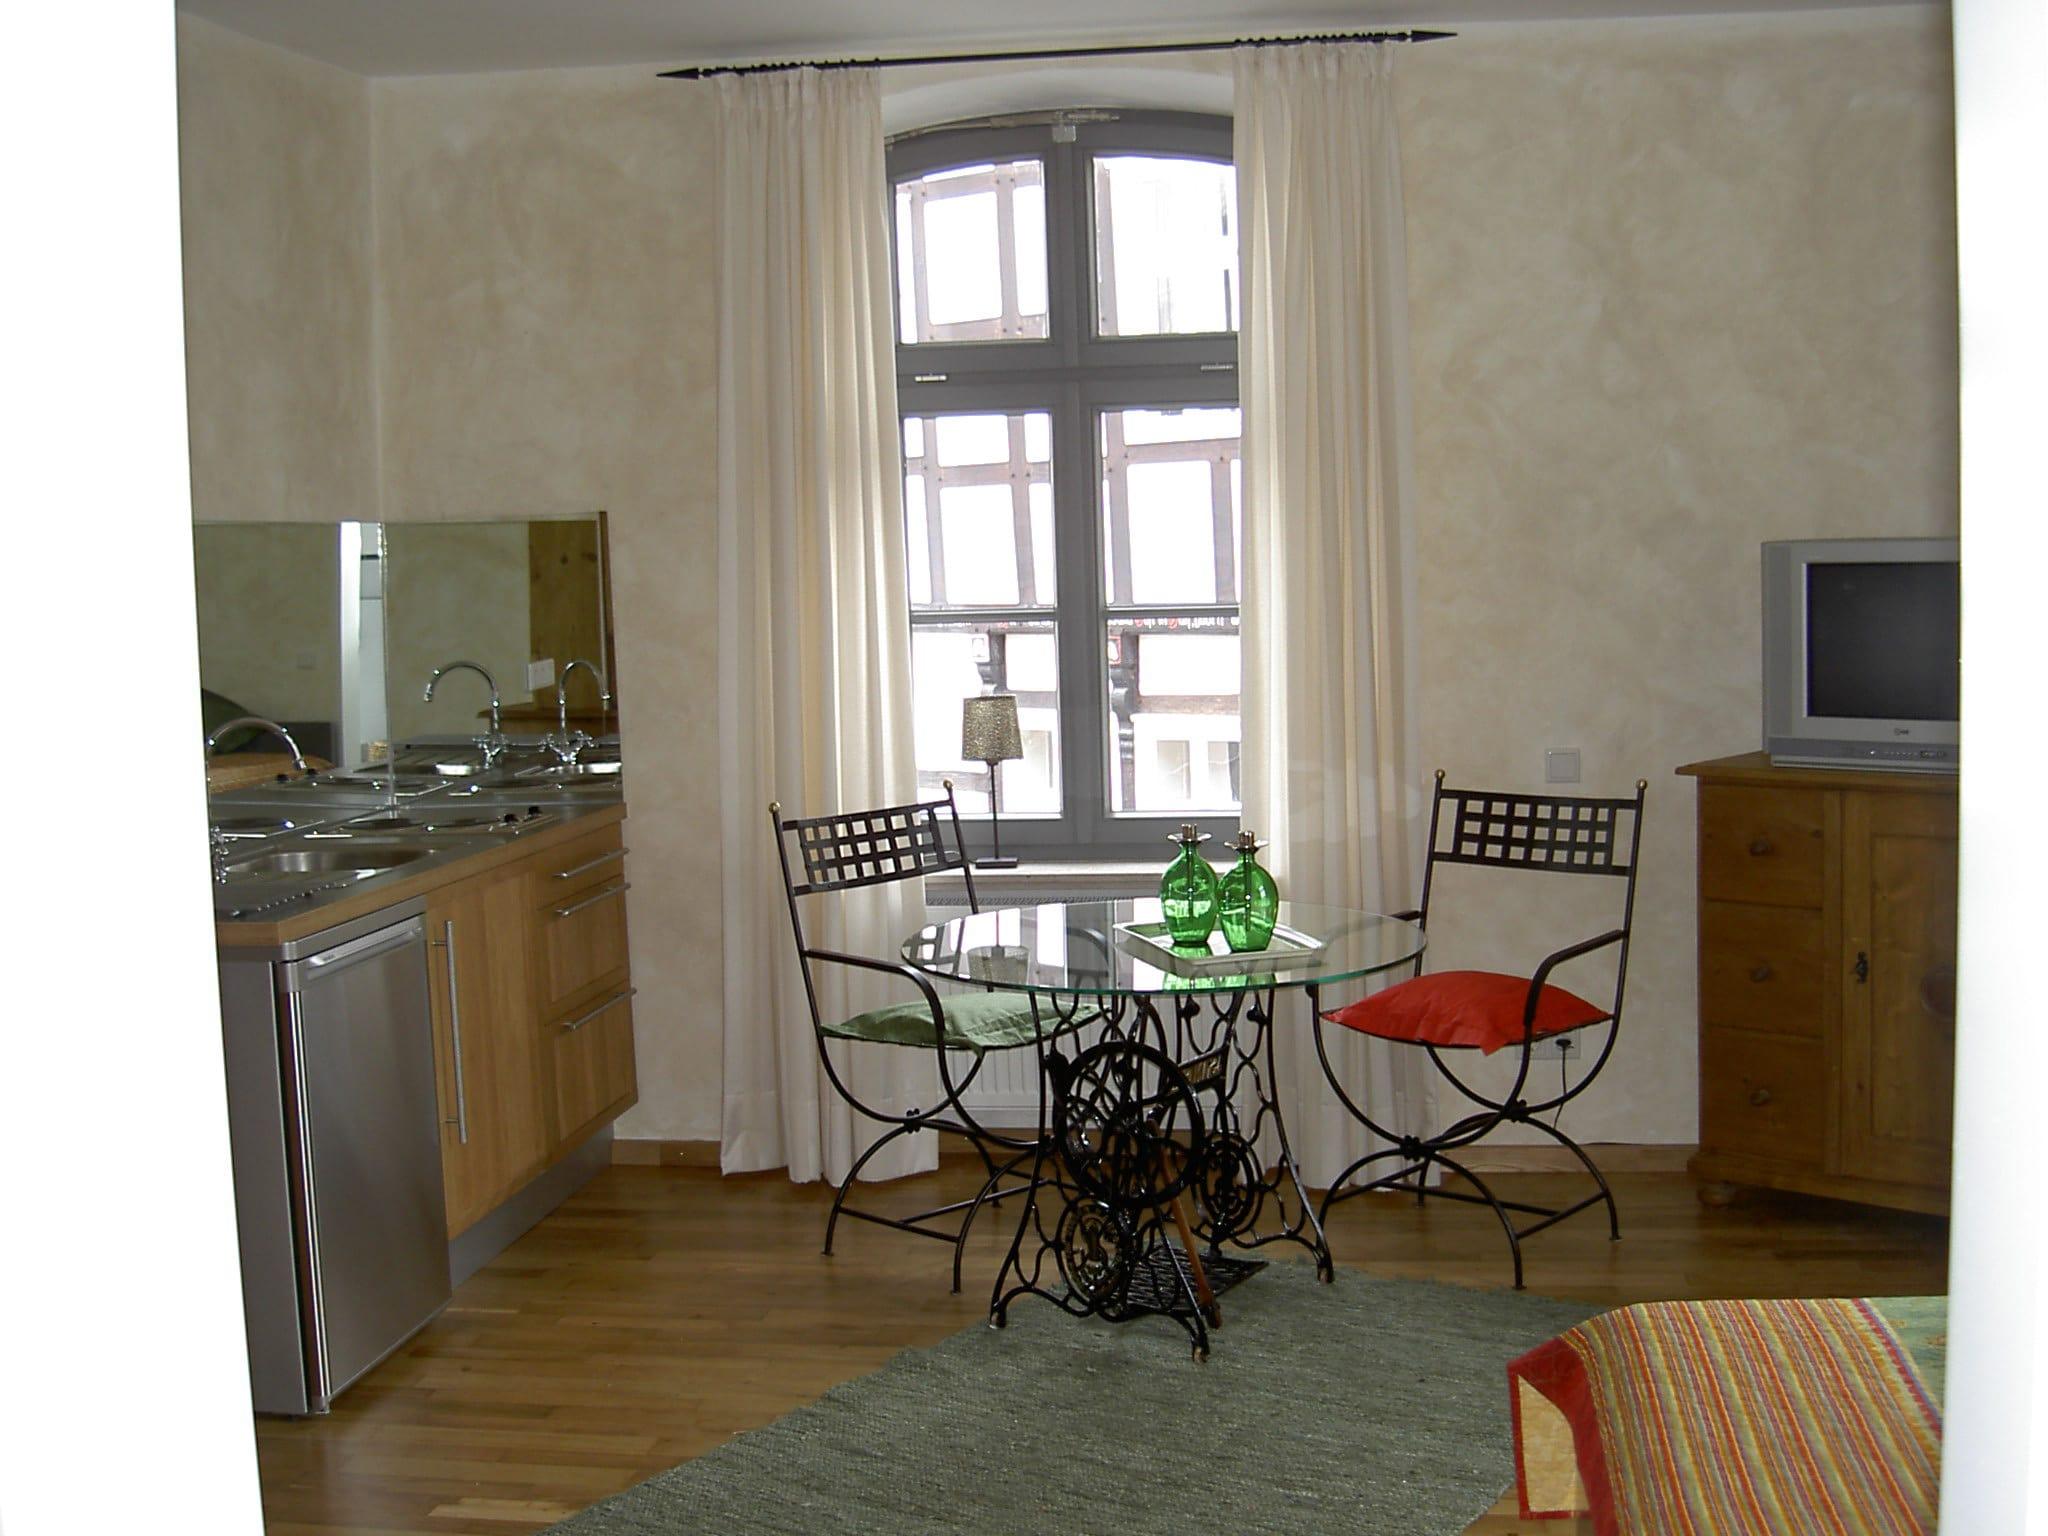 weitzel-boardinghouse-appart-fiedrichsstrasse-og-05